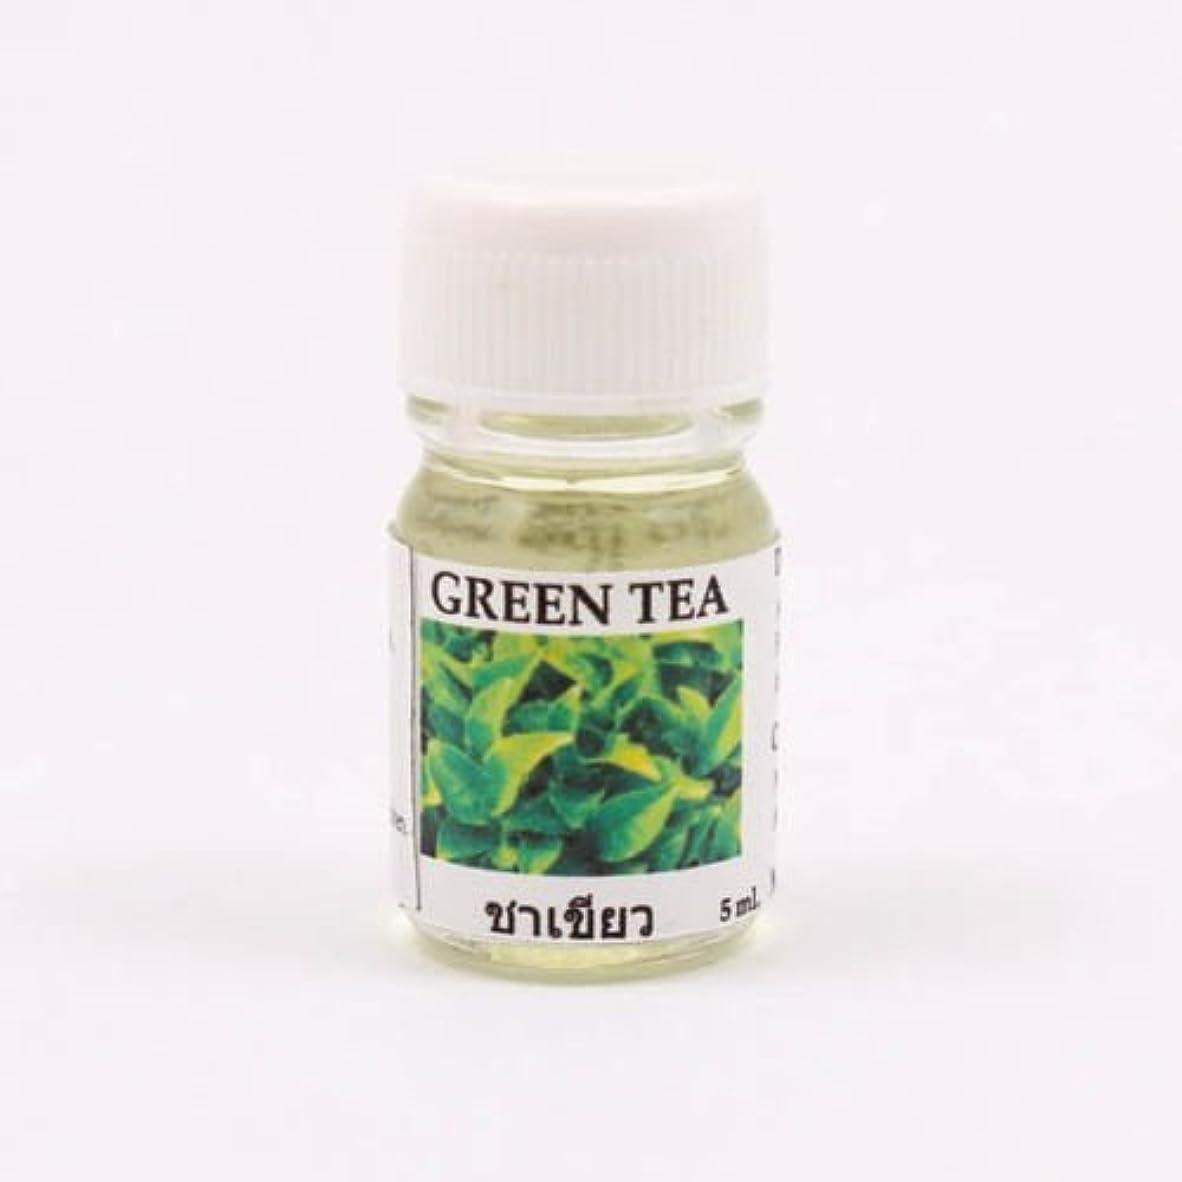 マイクロフォン愛国的な好奇心6X Green Tea Aroma Fragrance Essential Oil 5ML cc Diffuser Burner Therapy